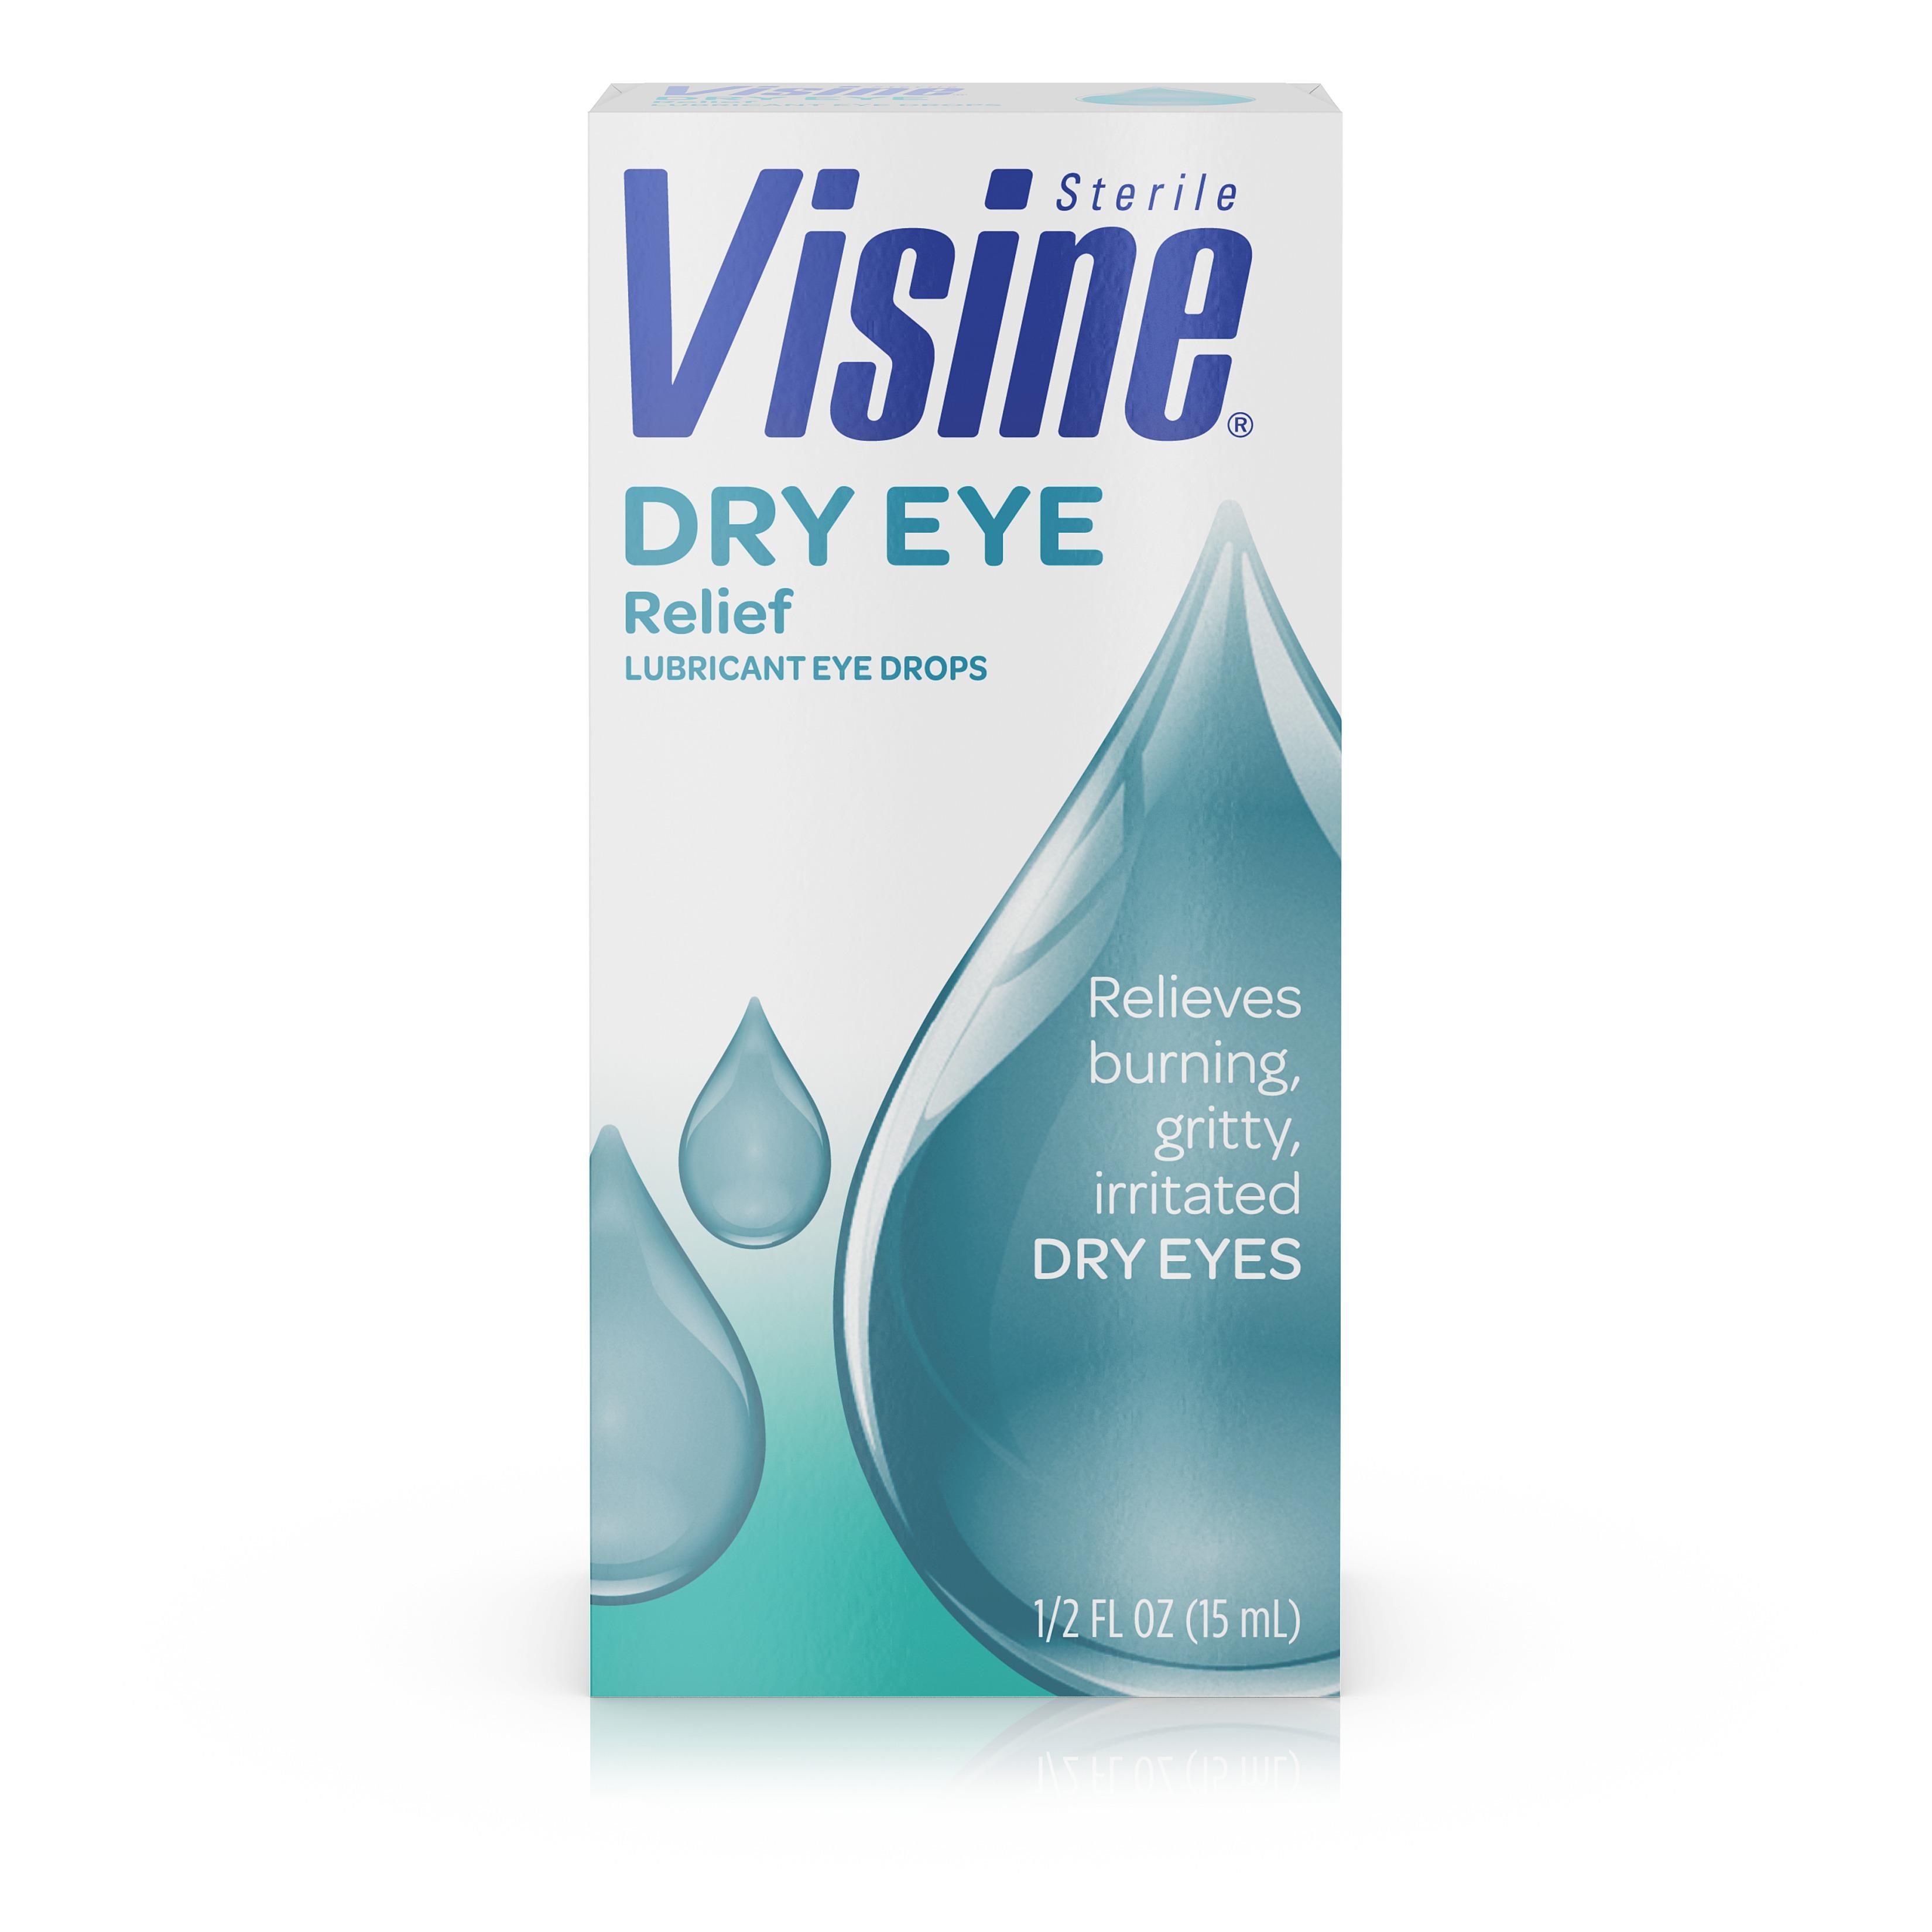 Visine Tears Dry Eye Relief Lubricant Eye Drops, .5 Fl. Oz